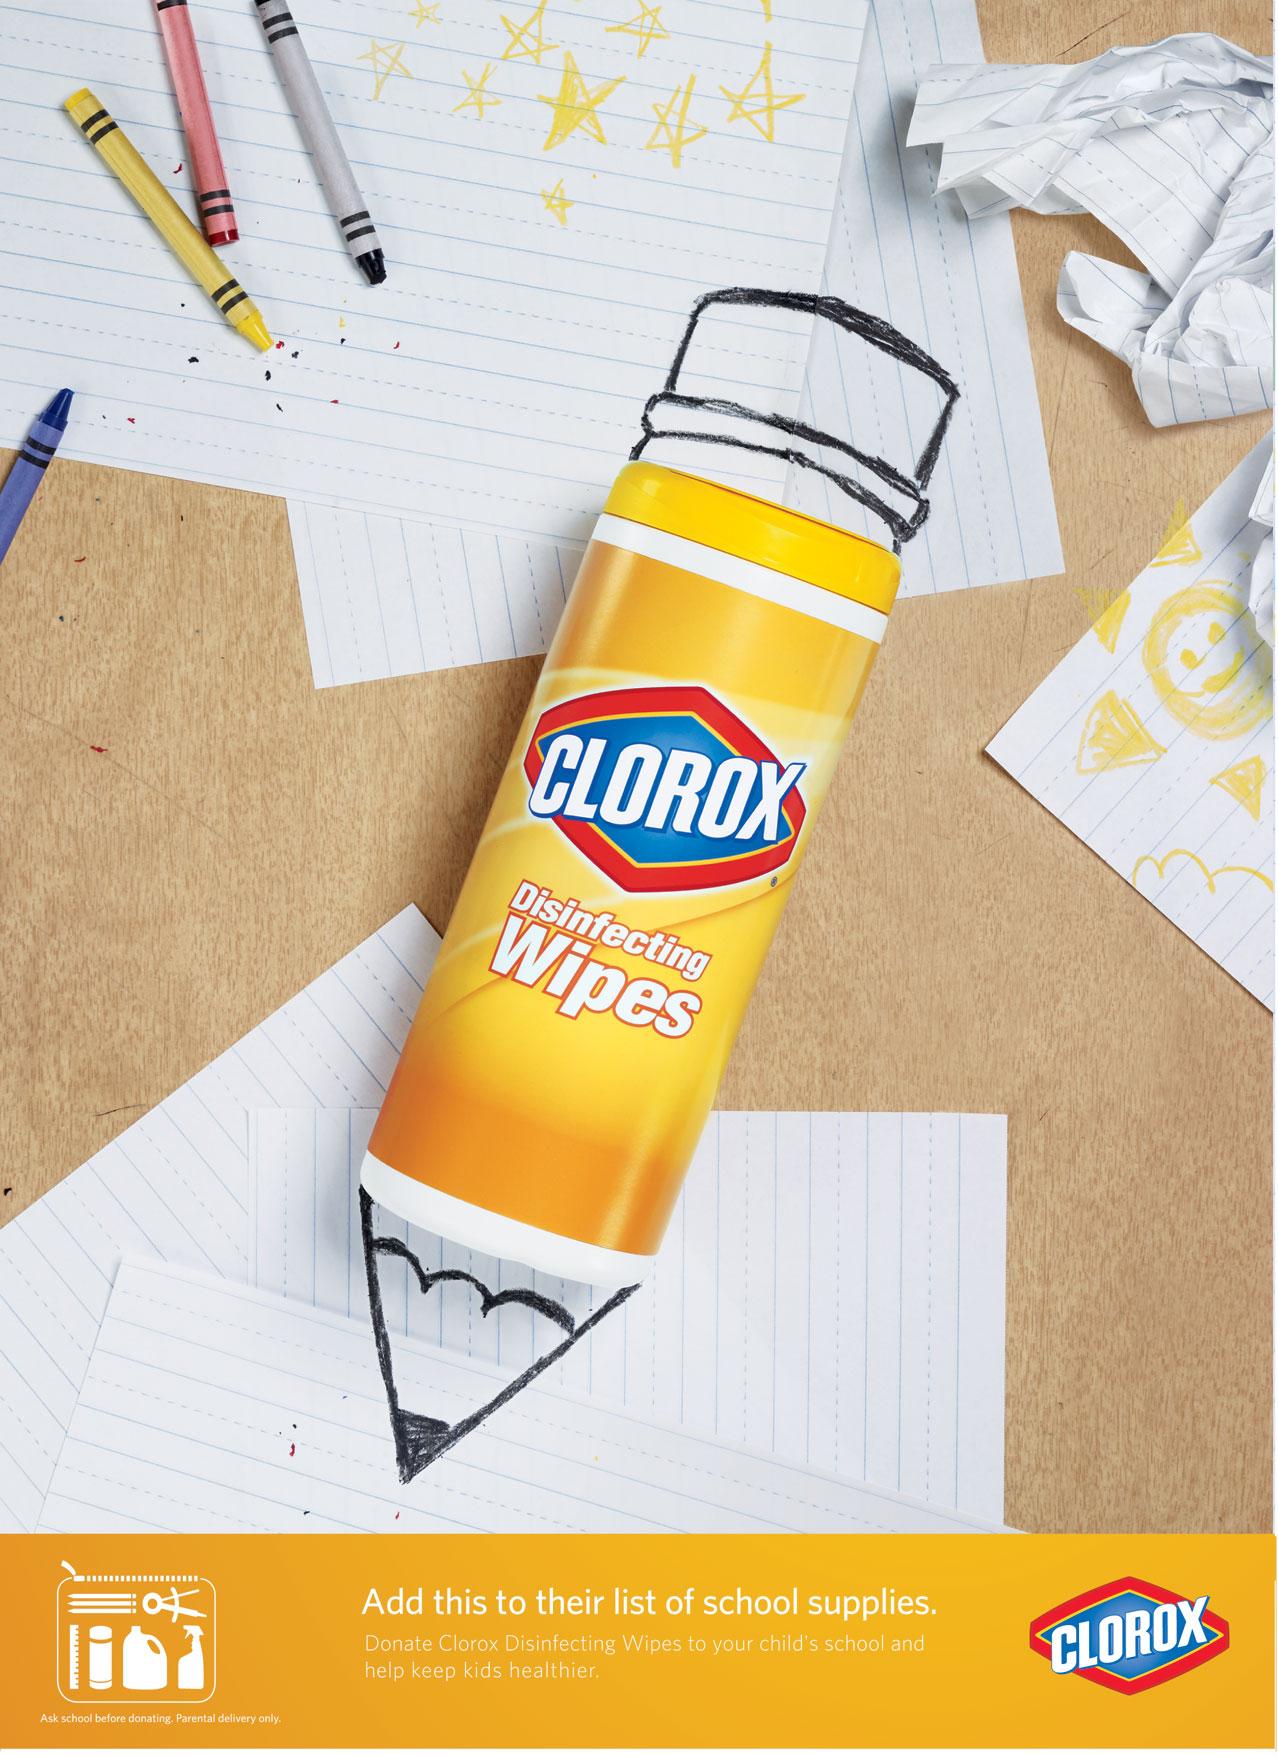 Clorox_pencil_1